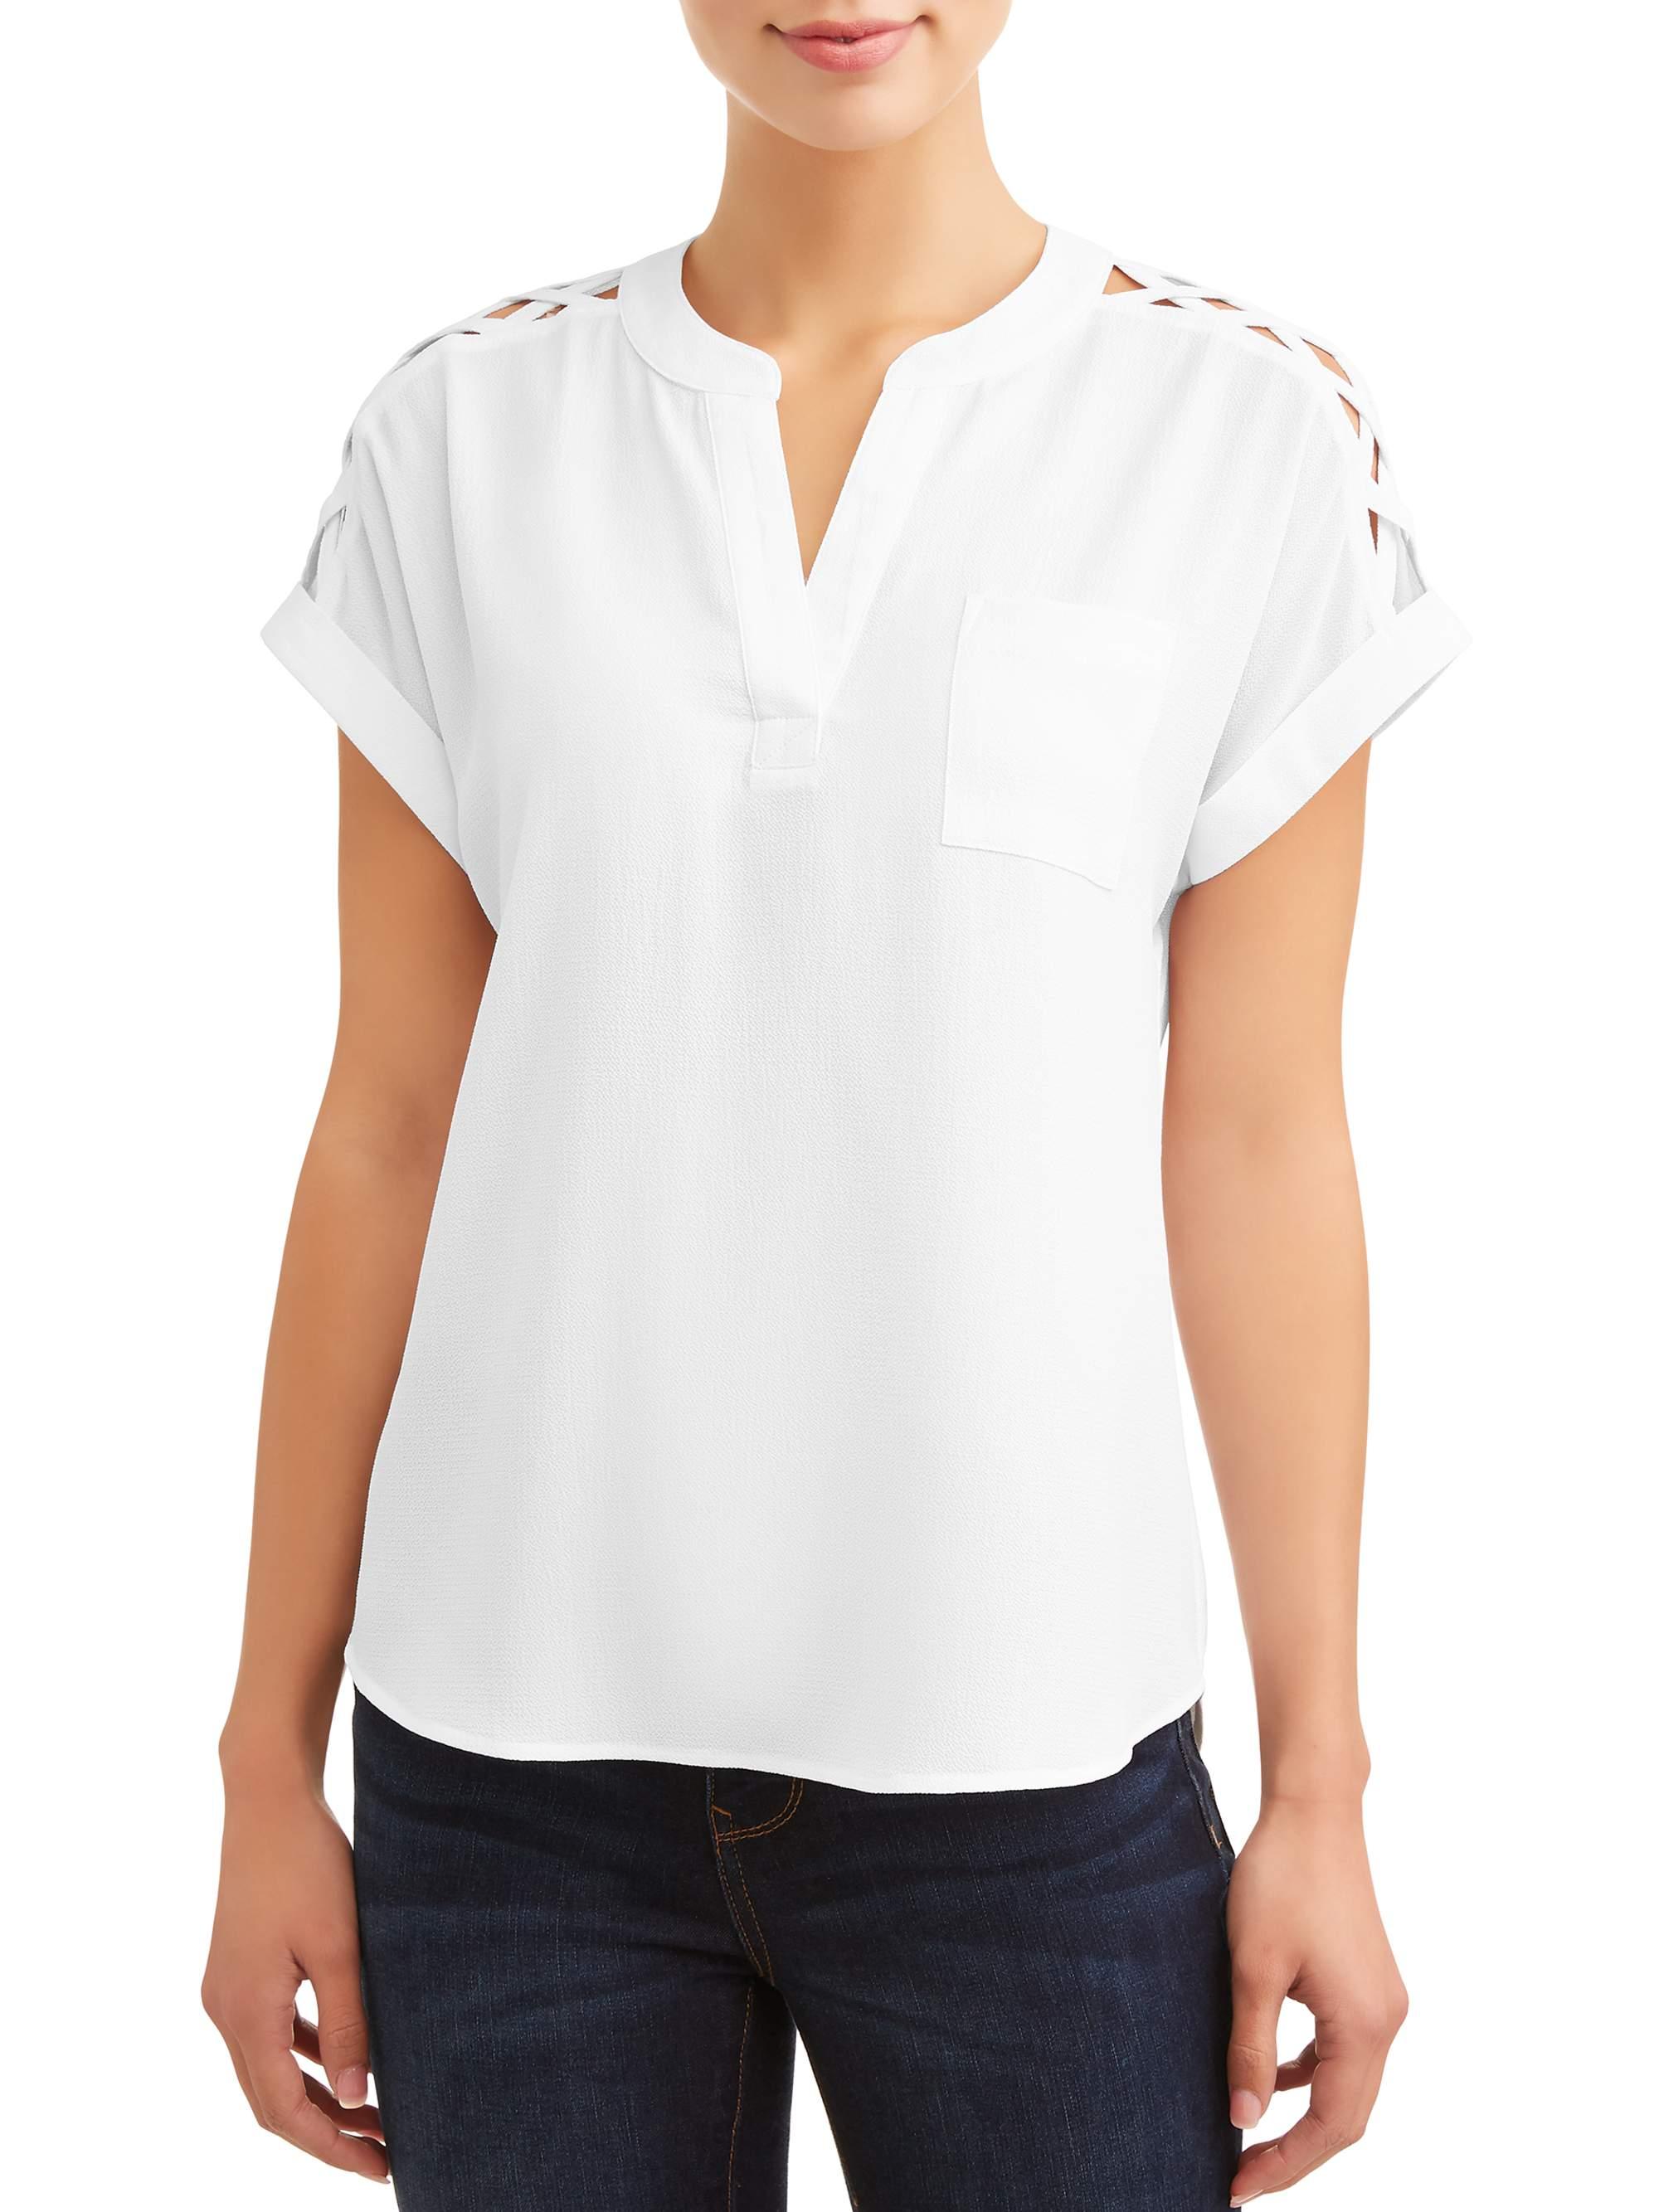 Women's Short Sleeve Shoulder Caging Top